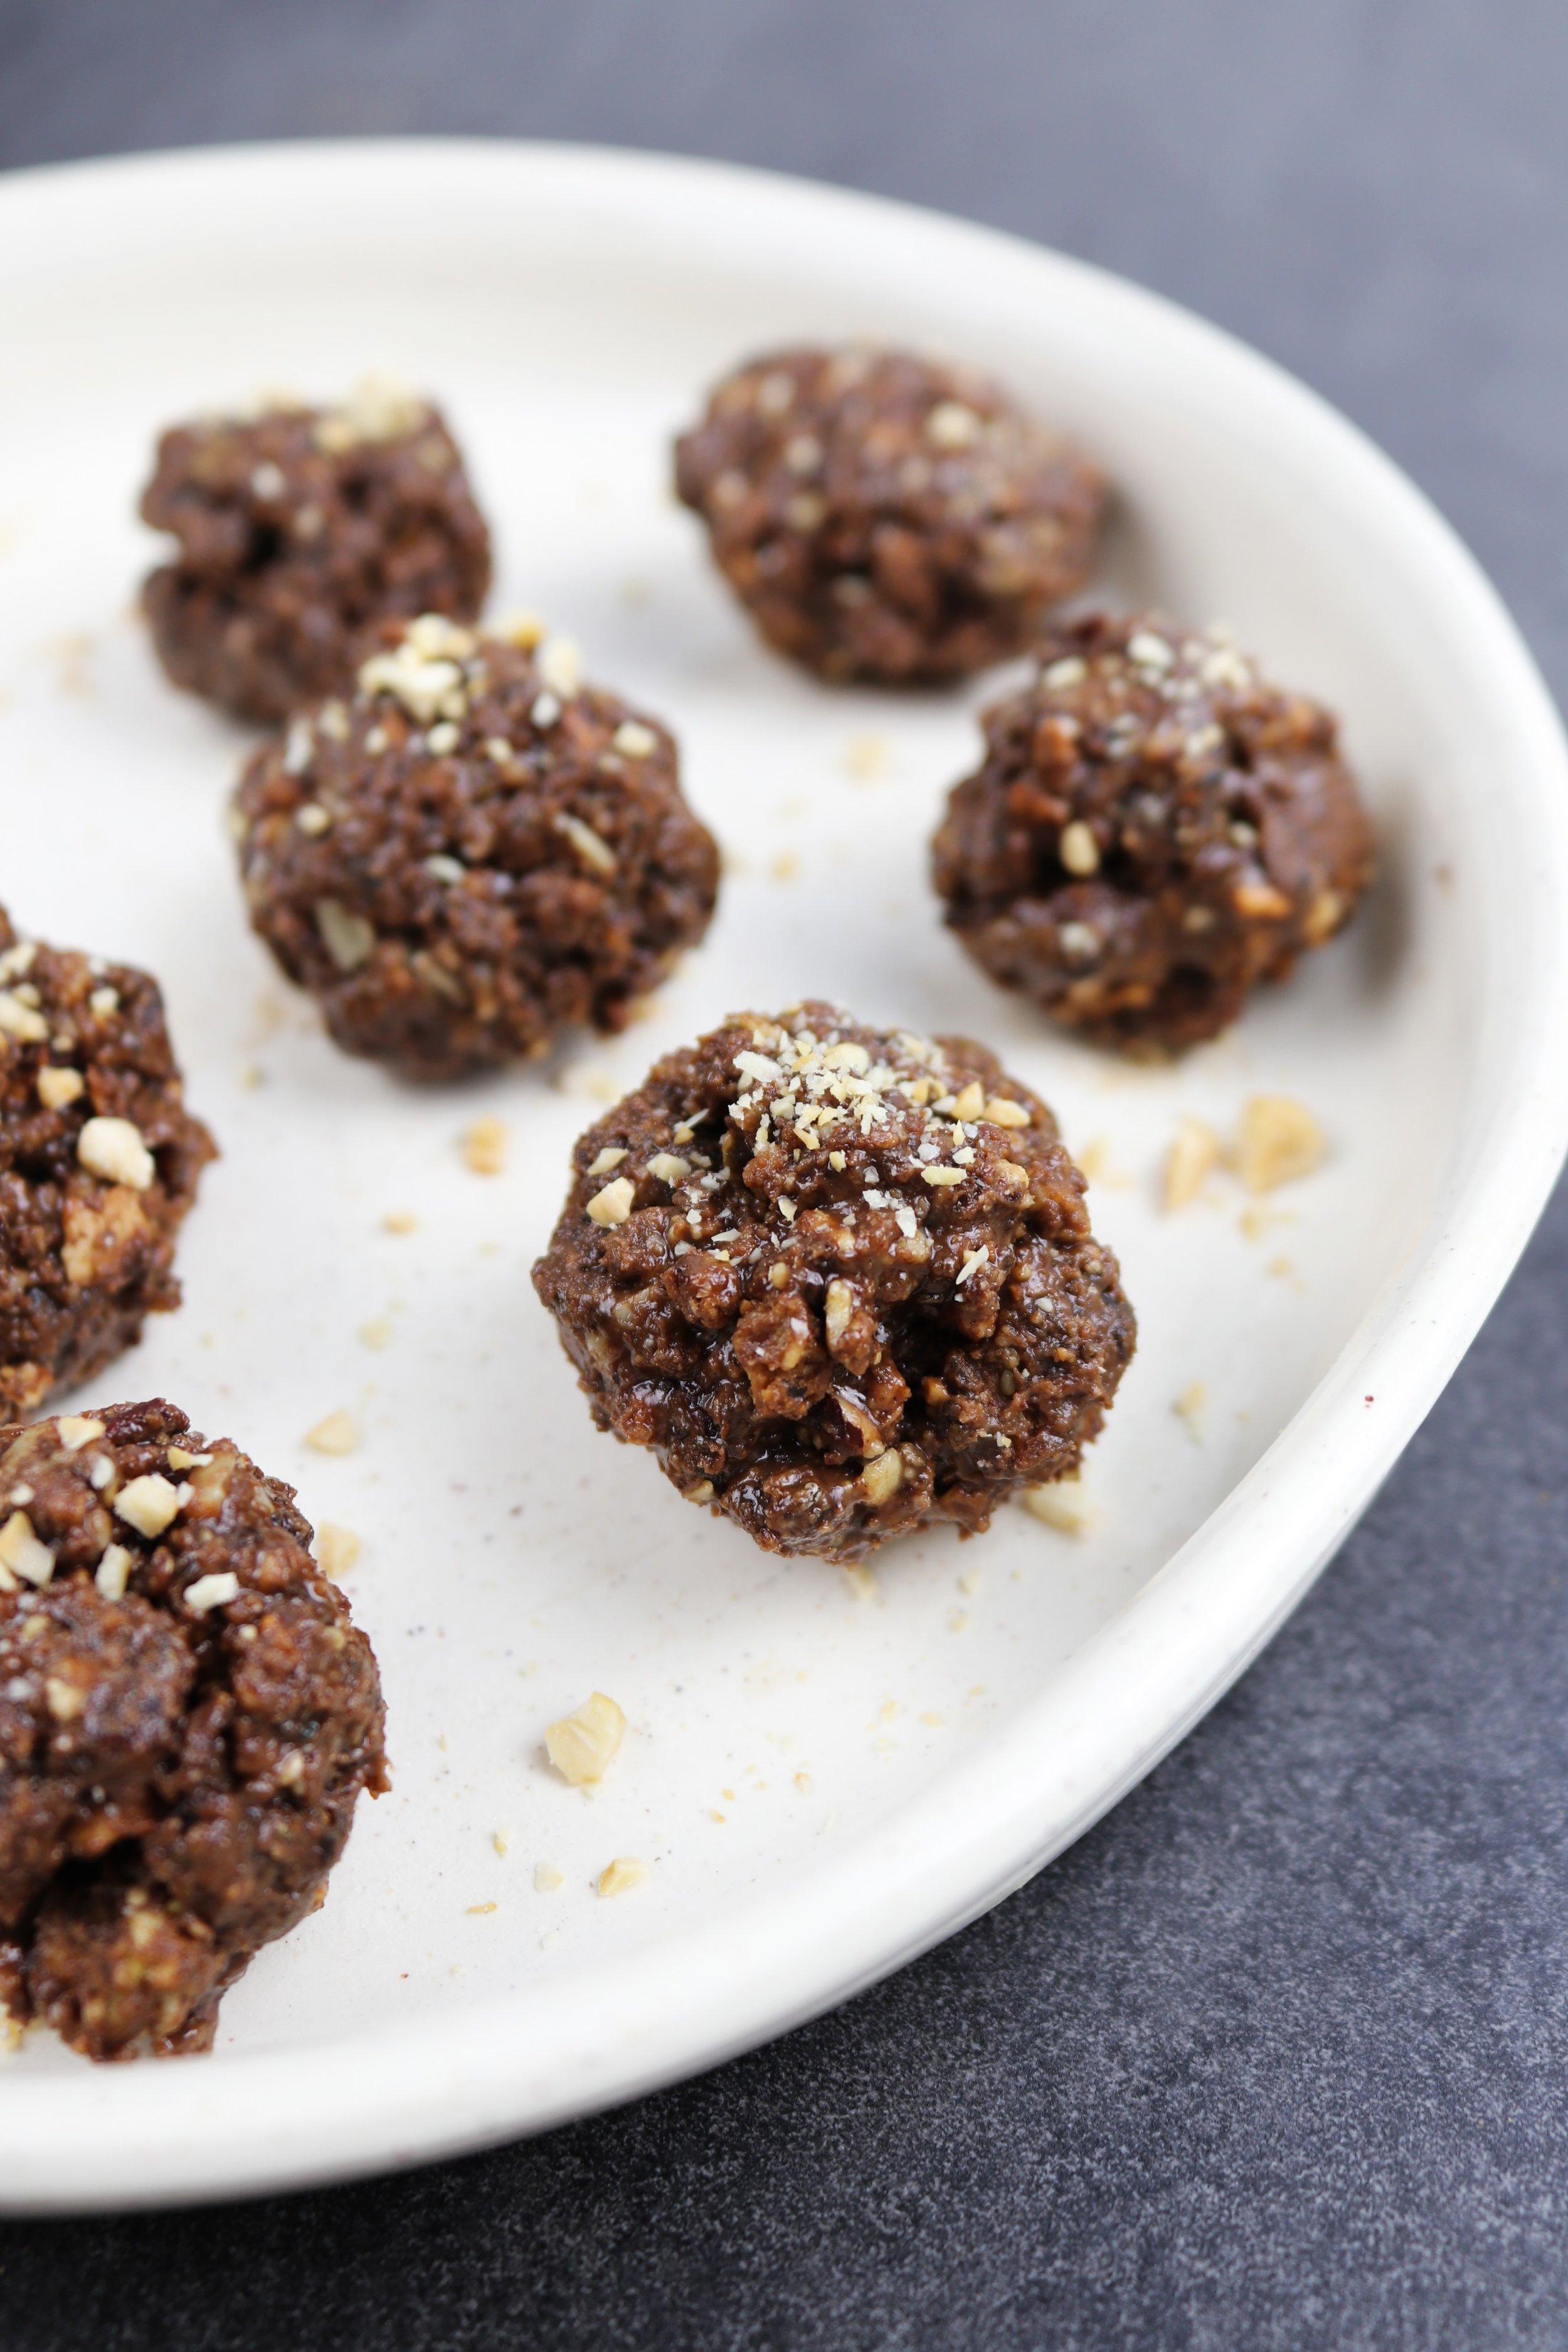 Si vous n'utilisez pas de robot culinaire, les boules seront imparfaites, mais d'autant plus croquantes! Celles-ci sont parsemées de noix de cajou finement hachées.